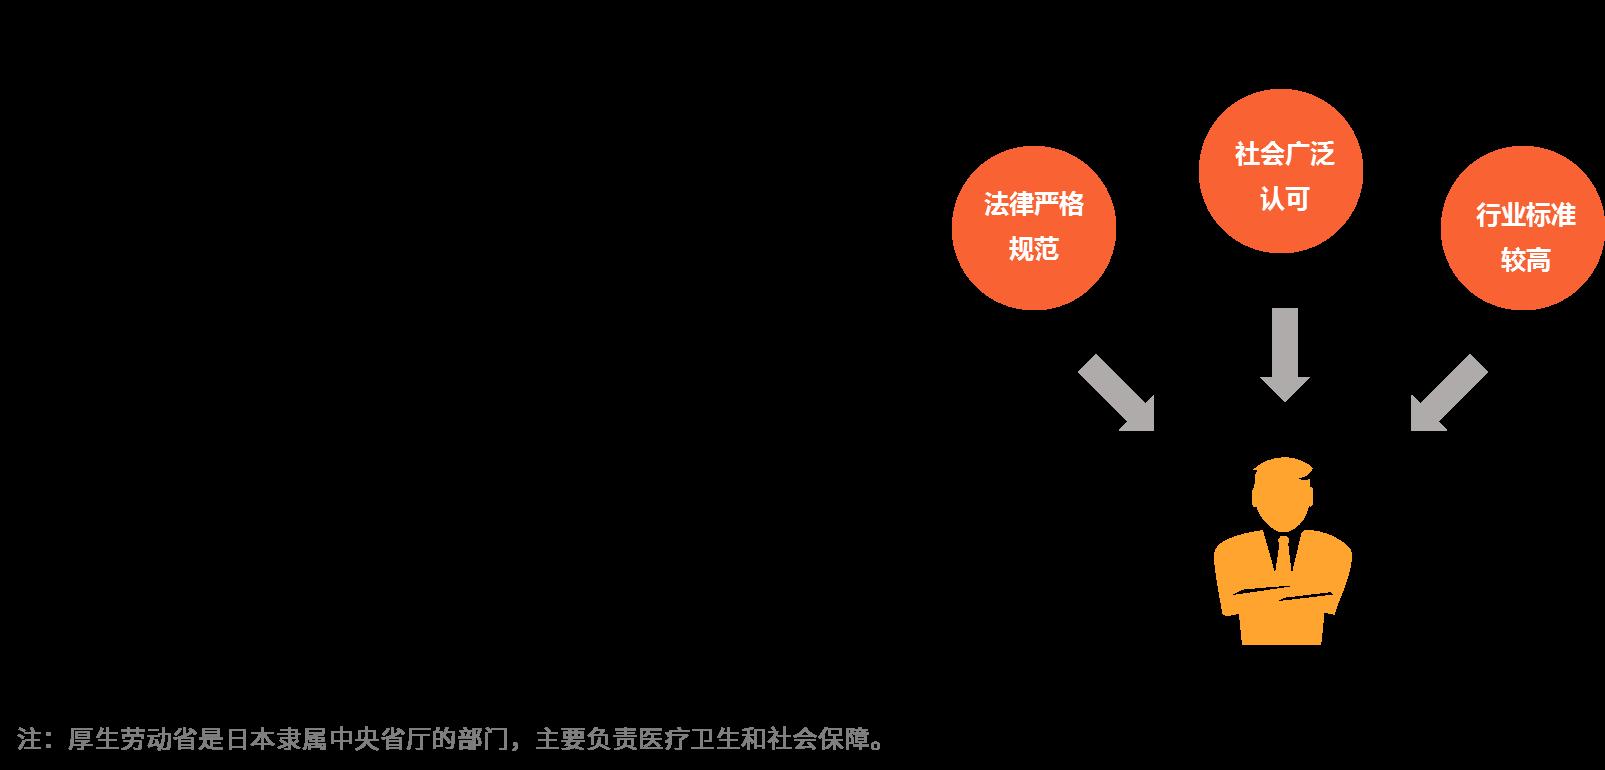 2019全球家政服务市场分析及中国家政行业前景预判